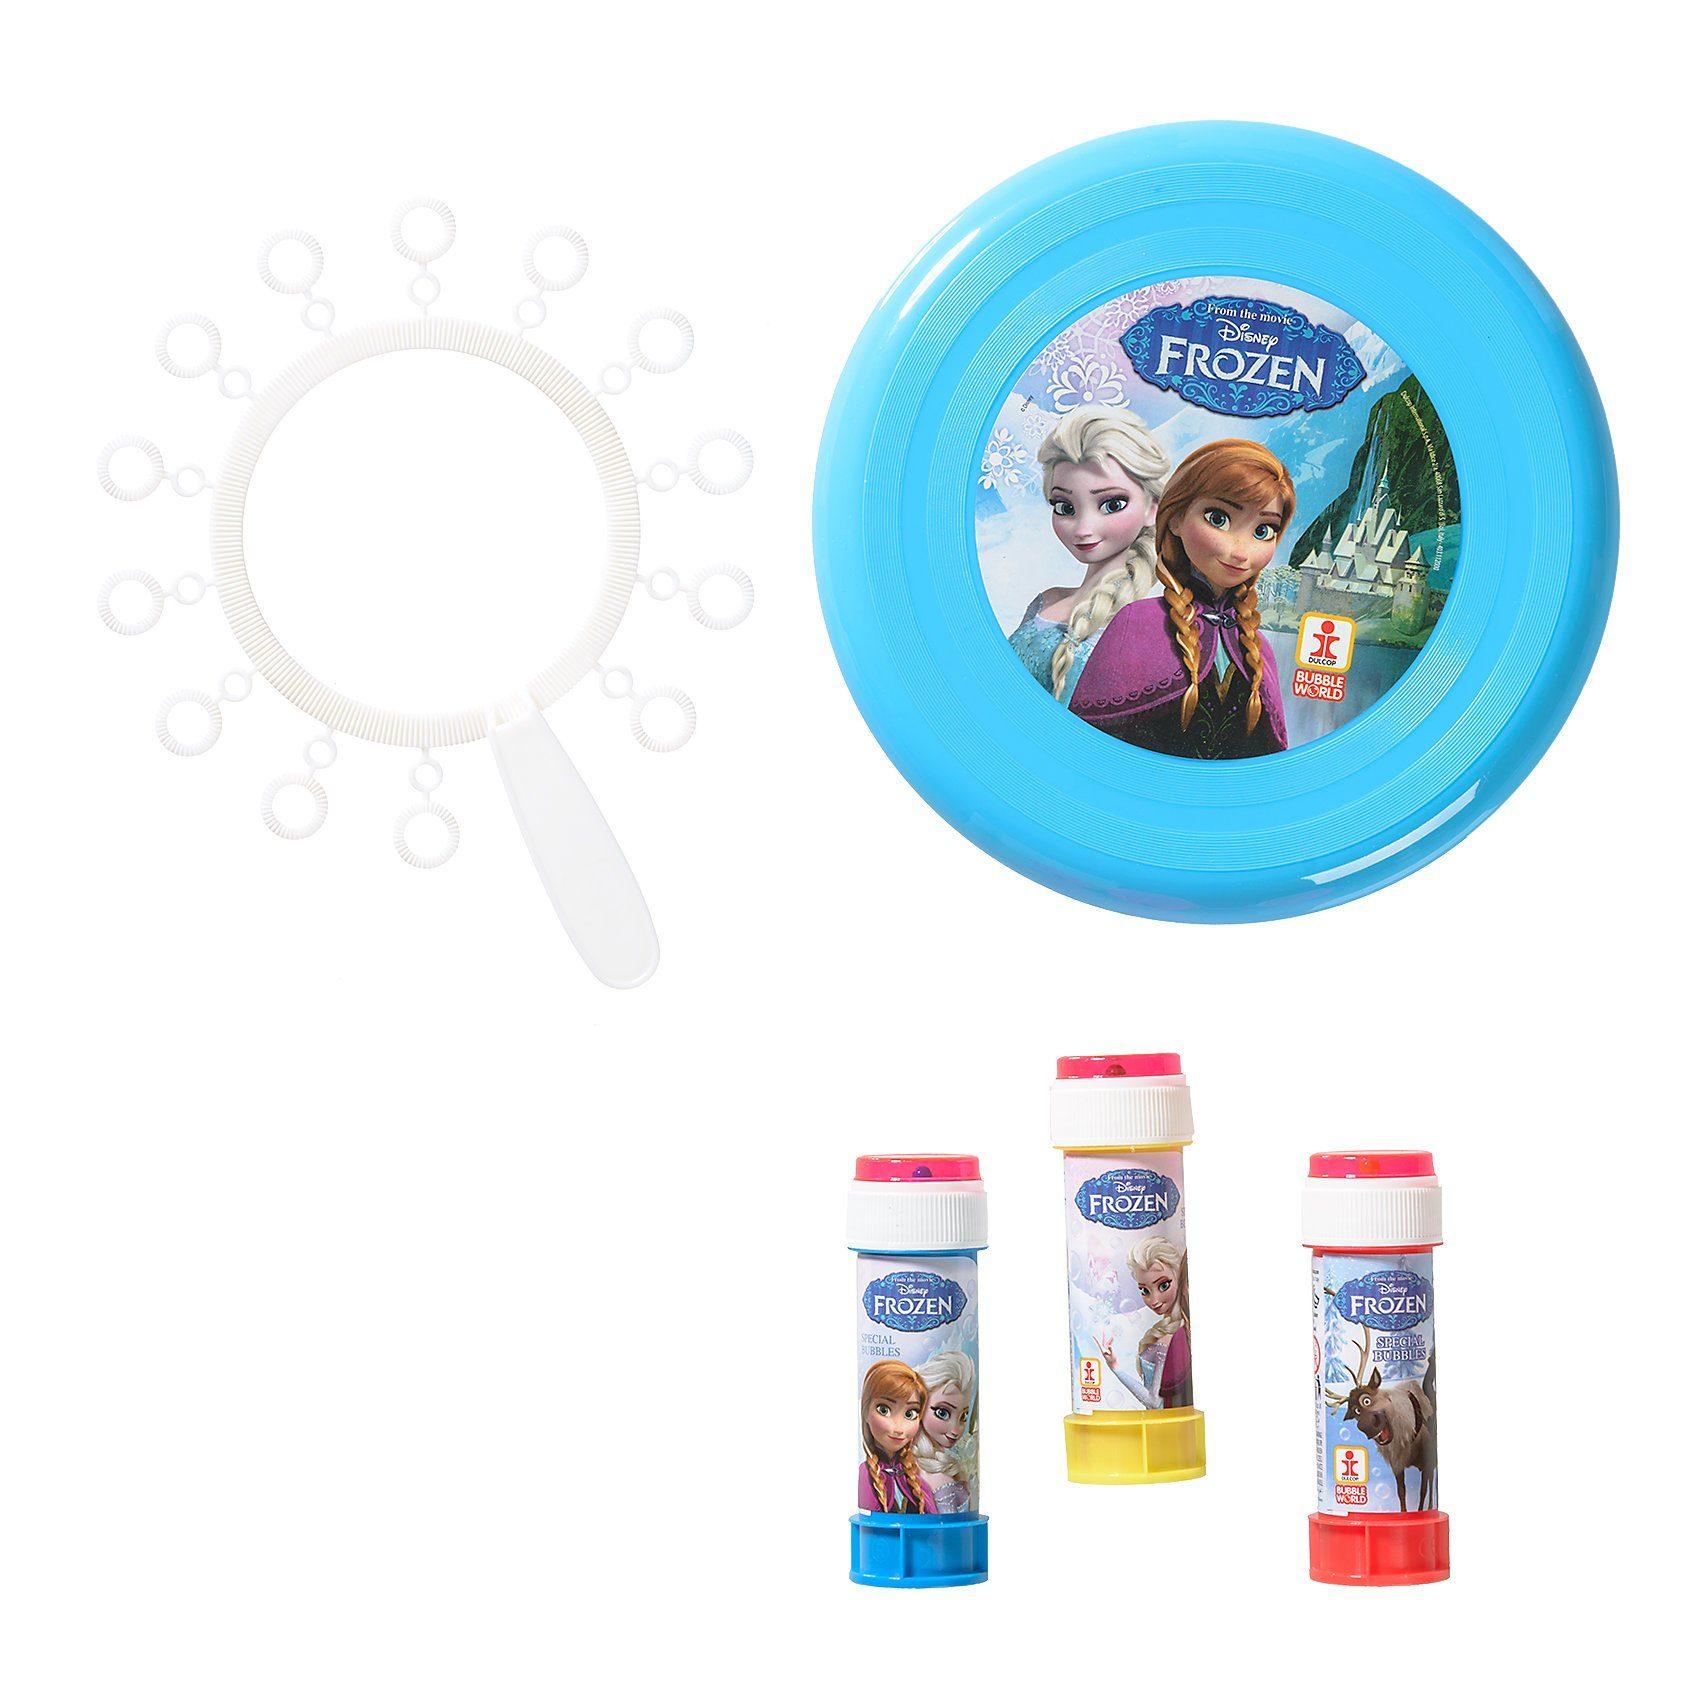 Dulcop Seifenblasen- und Frisbee-Set Die Eiskönigin